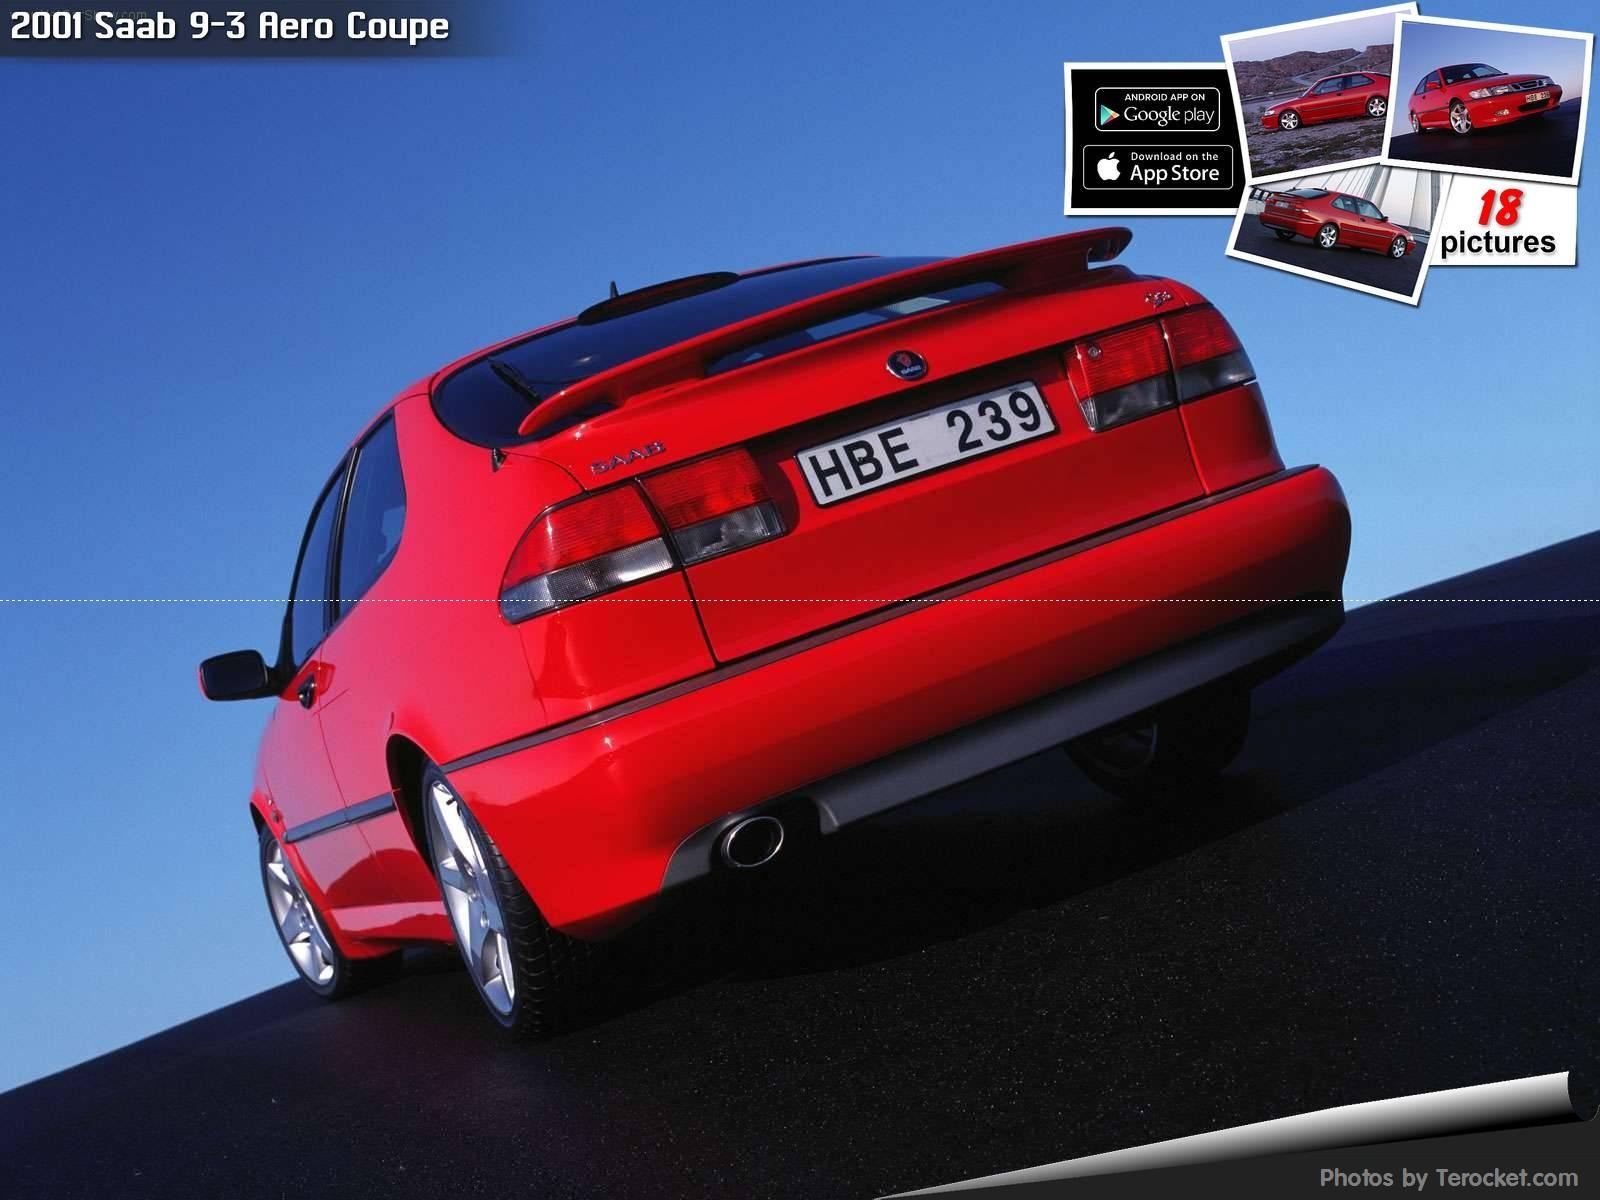 Hình ảnh xe ô tô Saab 9-3 Aero Coupe 2001 & nội ngoại thất